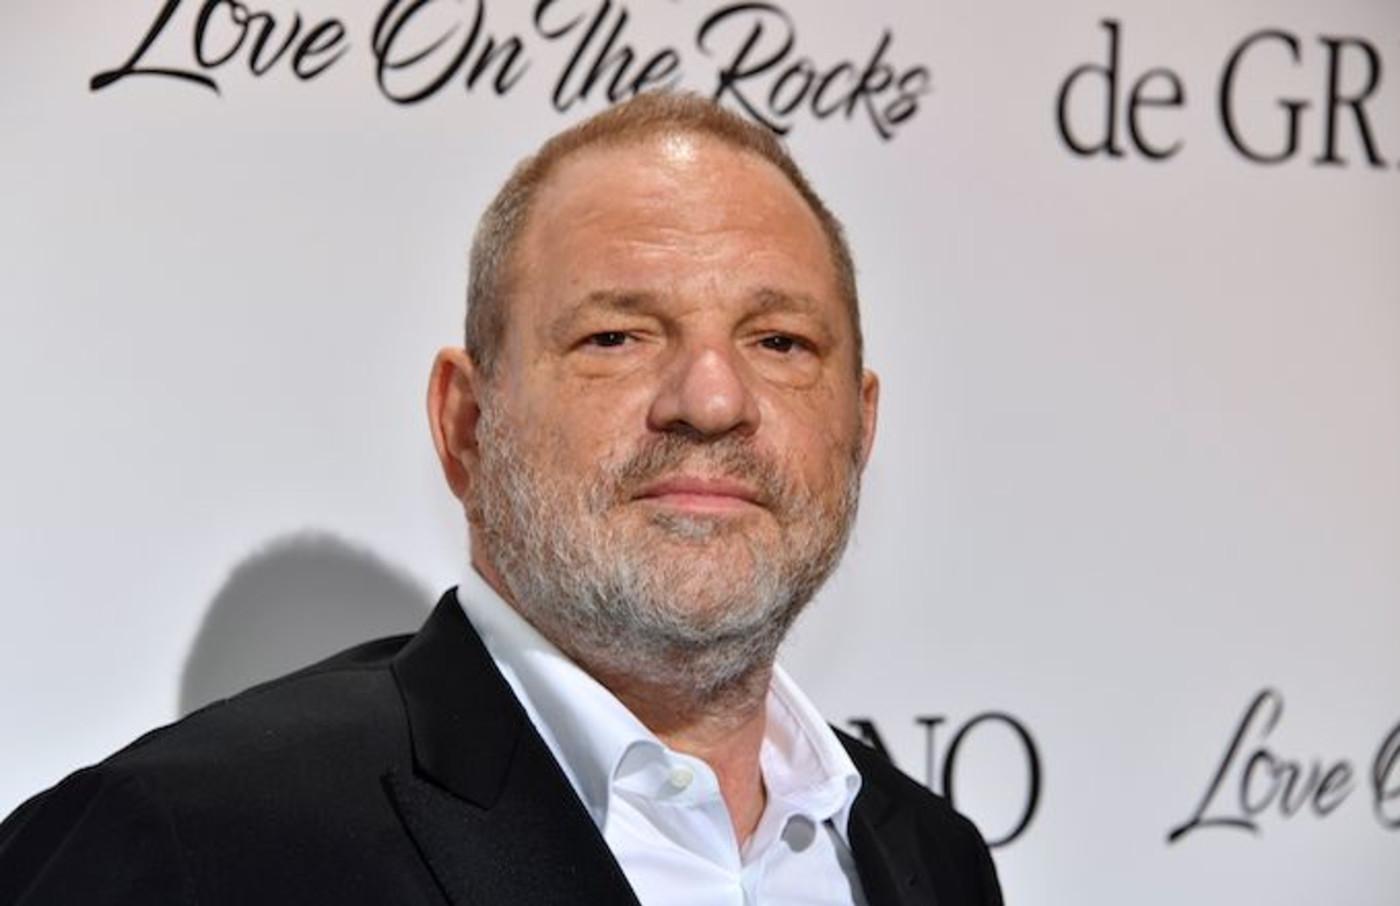 Sexual predator Harvey Weinstein